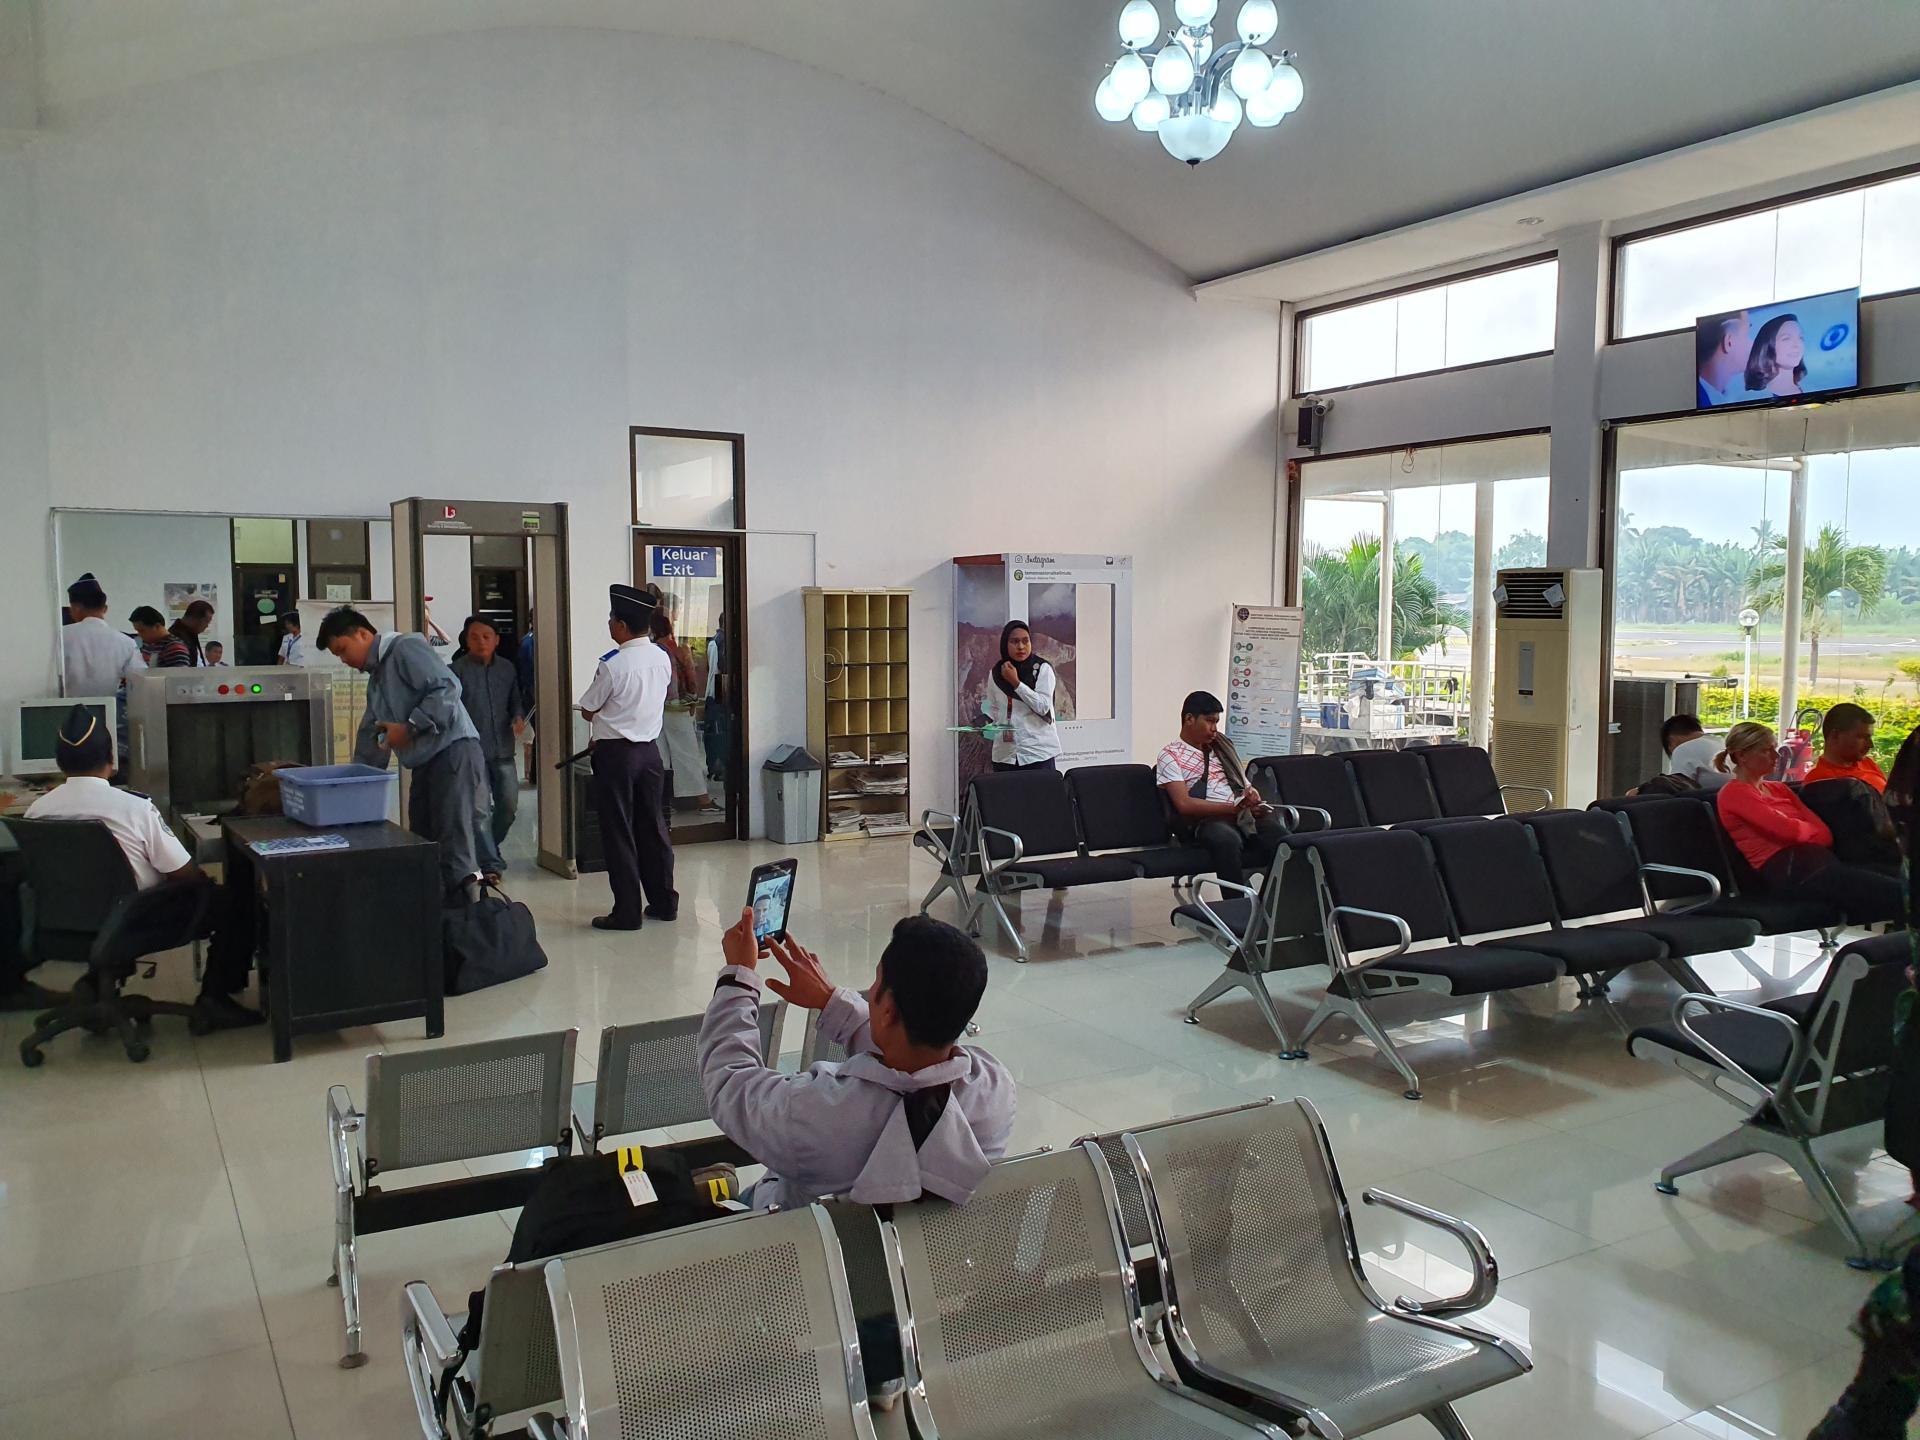 зал ожидания аэропорта Энде